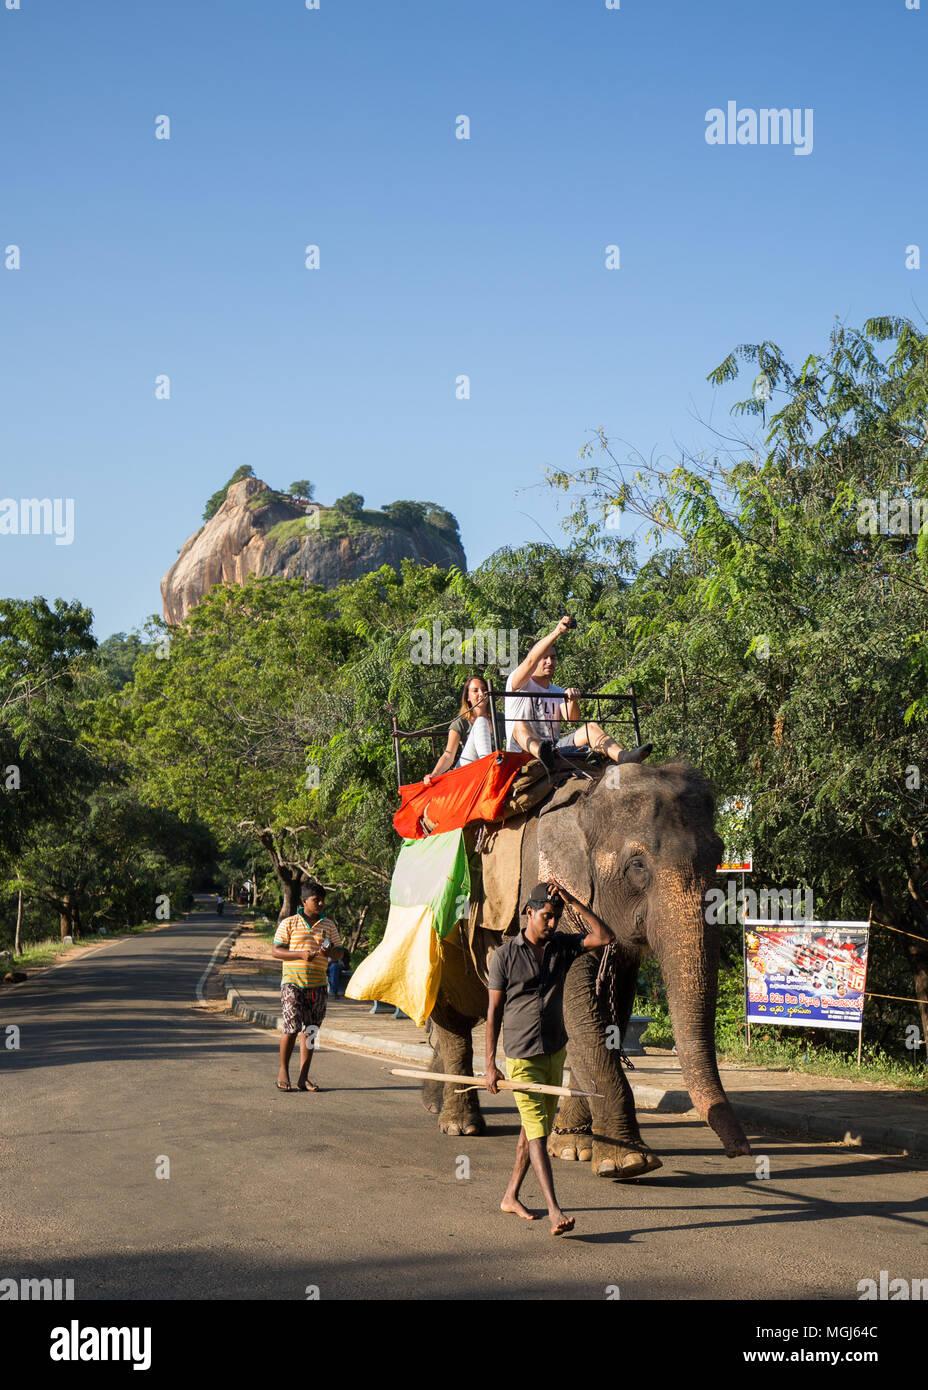 Les touristes à cheval sur un éléphant près de la forteresse du Rocher de Sigiriya, la Province du Centre, au Sri Lanka, en Asie. Photo Stock